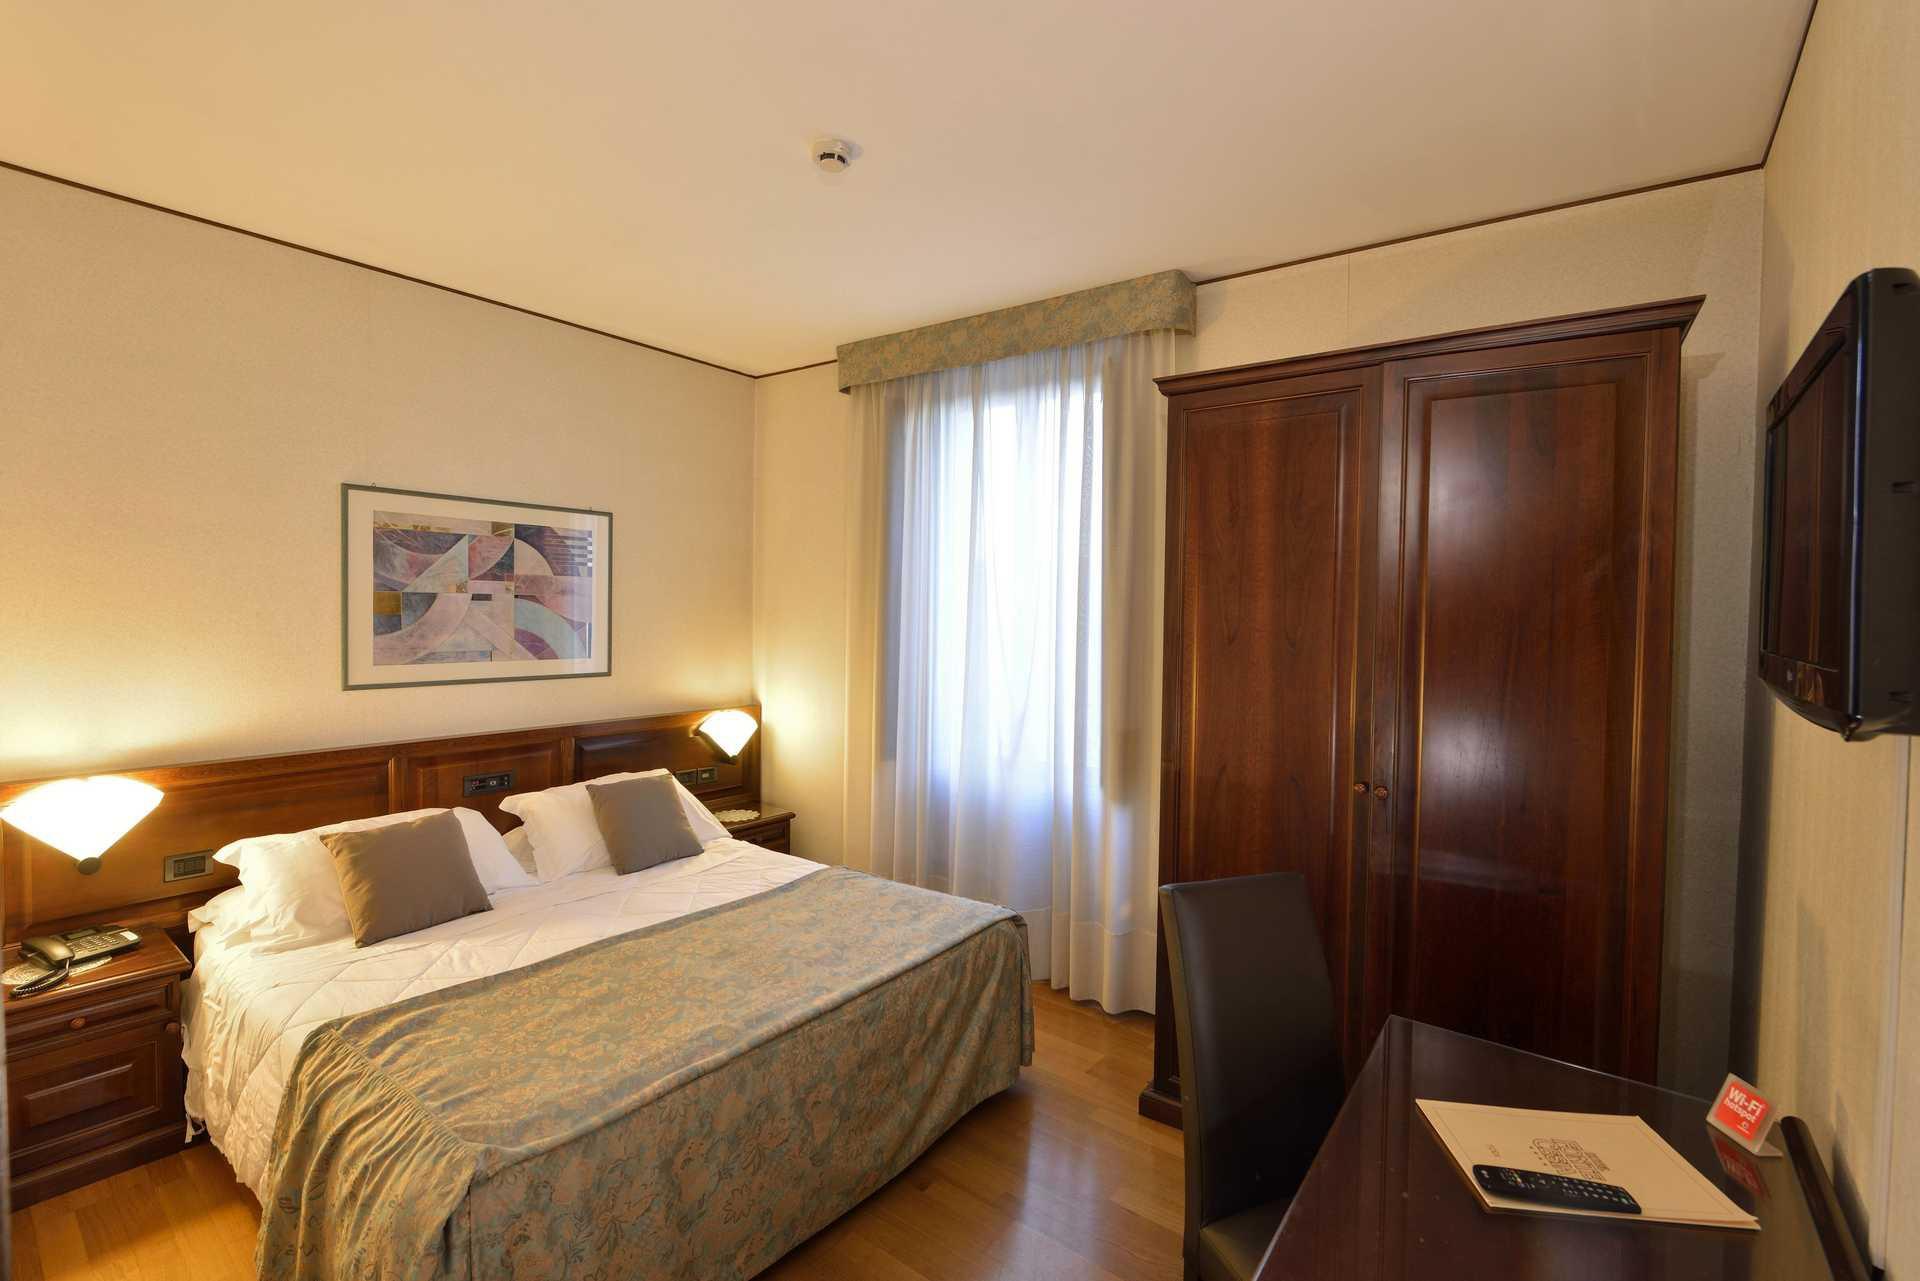 Camera classica - Classic room-Hotel Fonte Cesia Todi